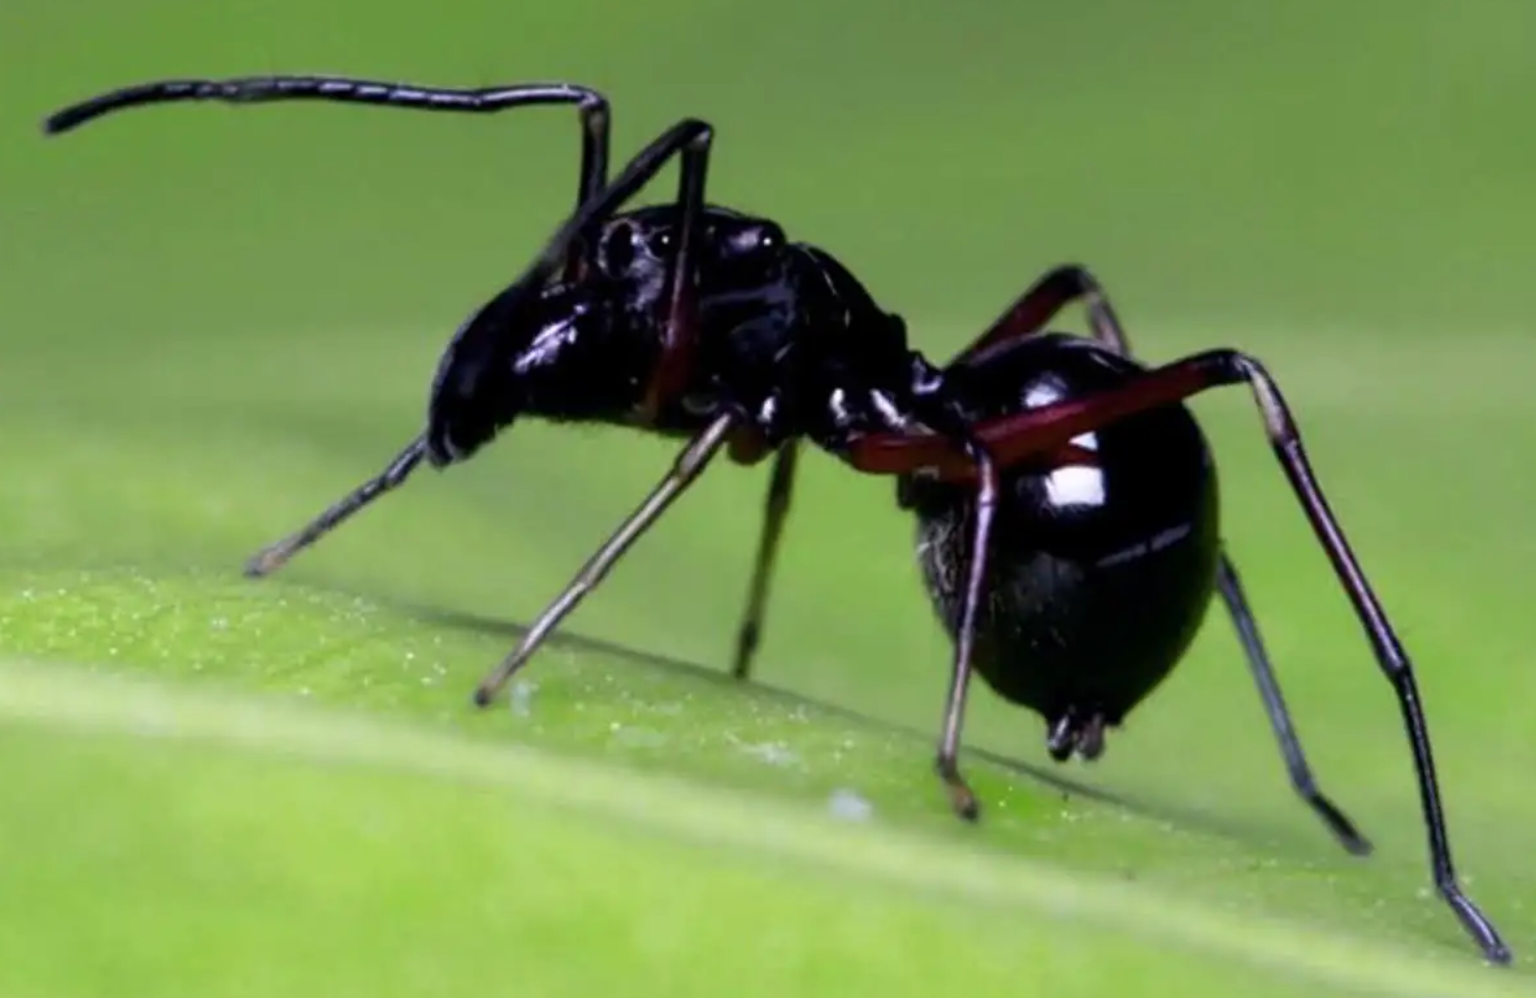 Algunas arañas producen leche, y es más nutritiva que la leche de vaca